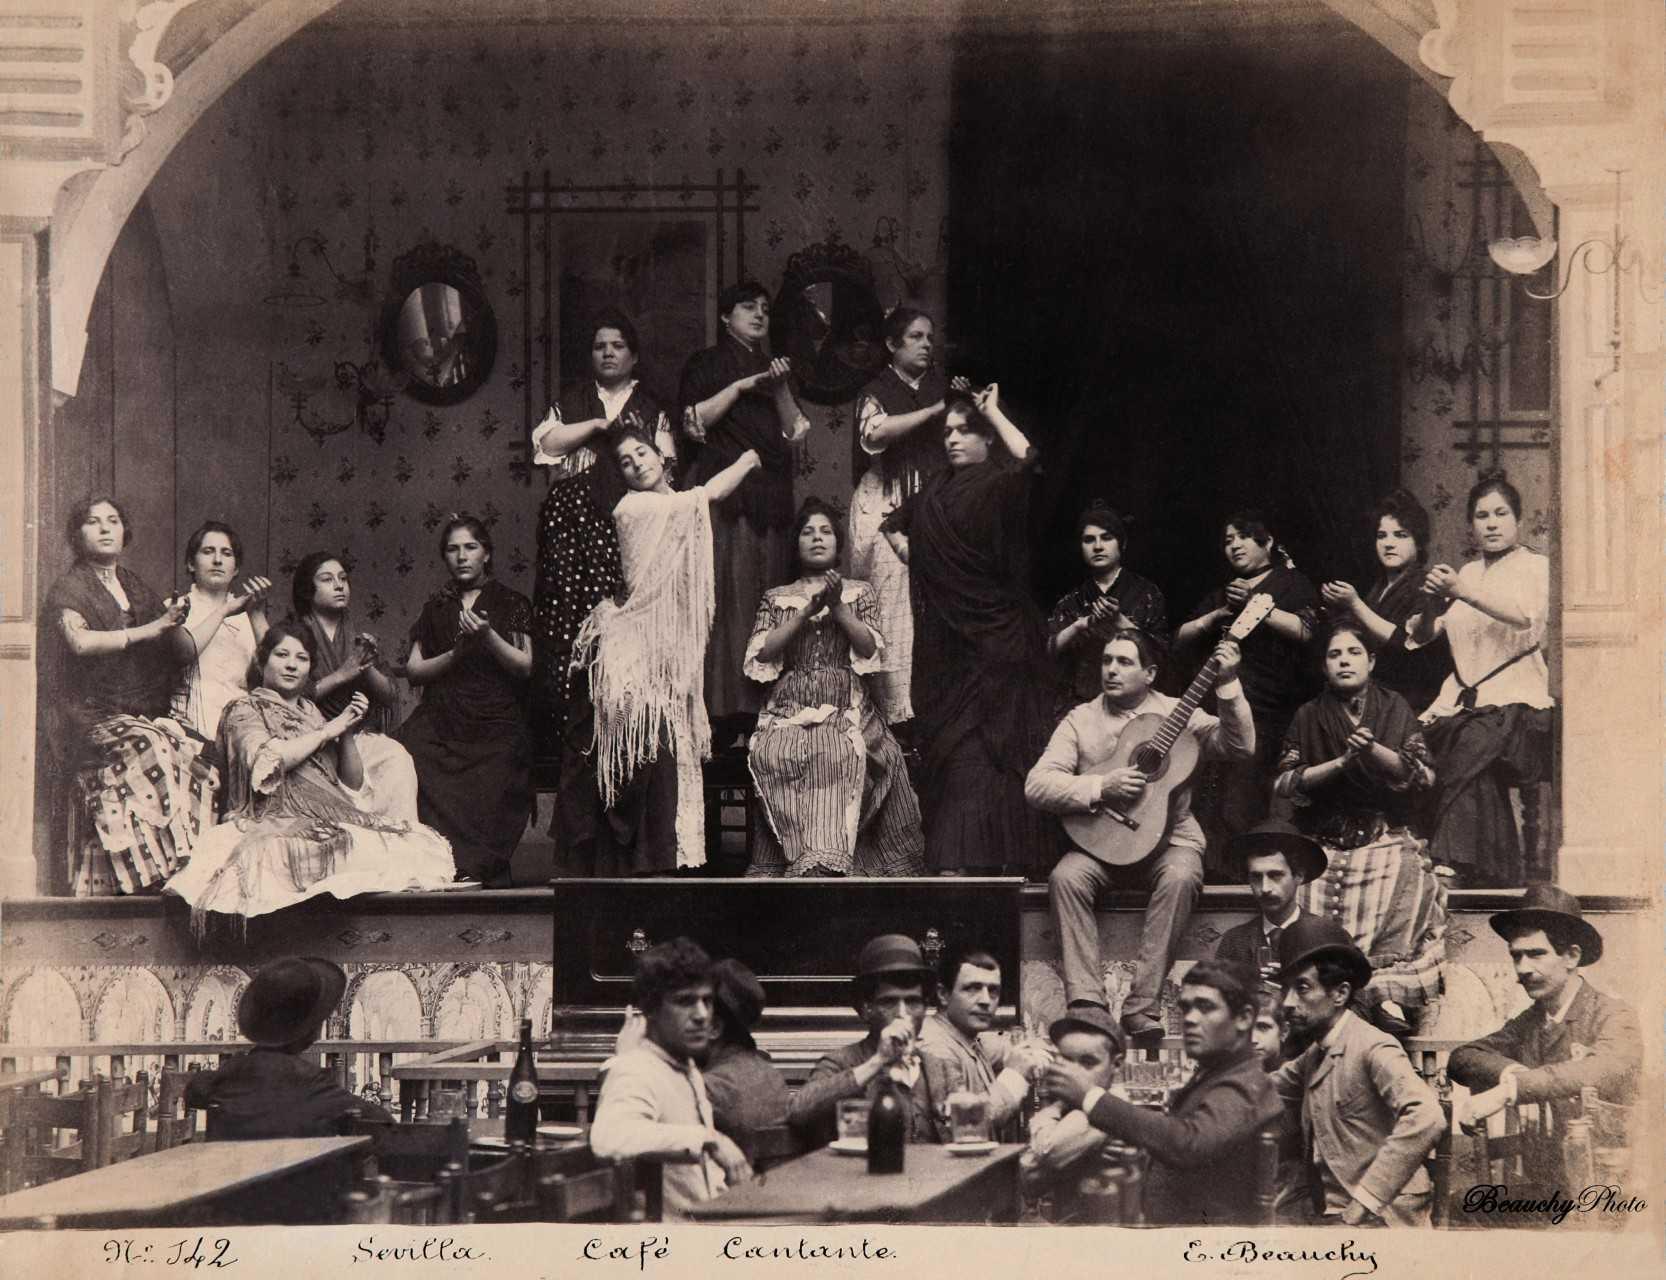 El Flamenco del siglo XIX: Entre lo andaluz, lo gitano y lo clásico